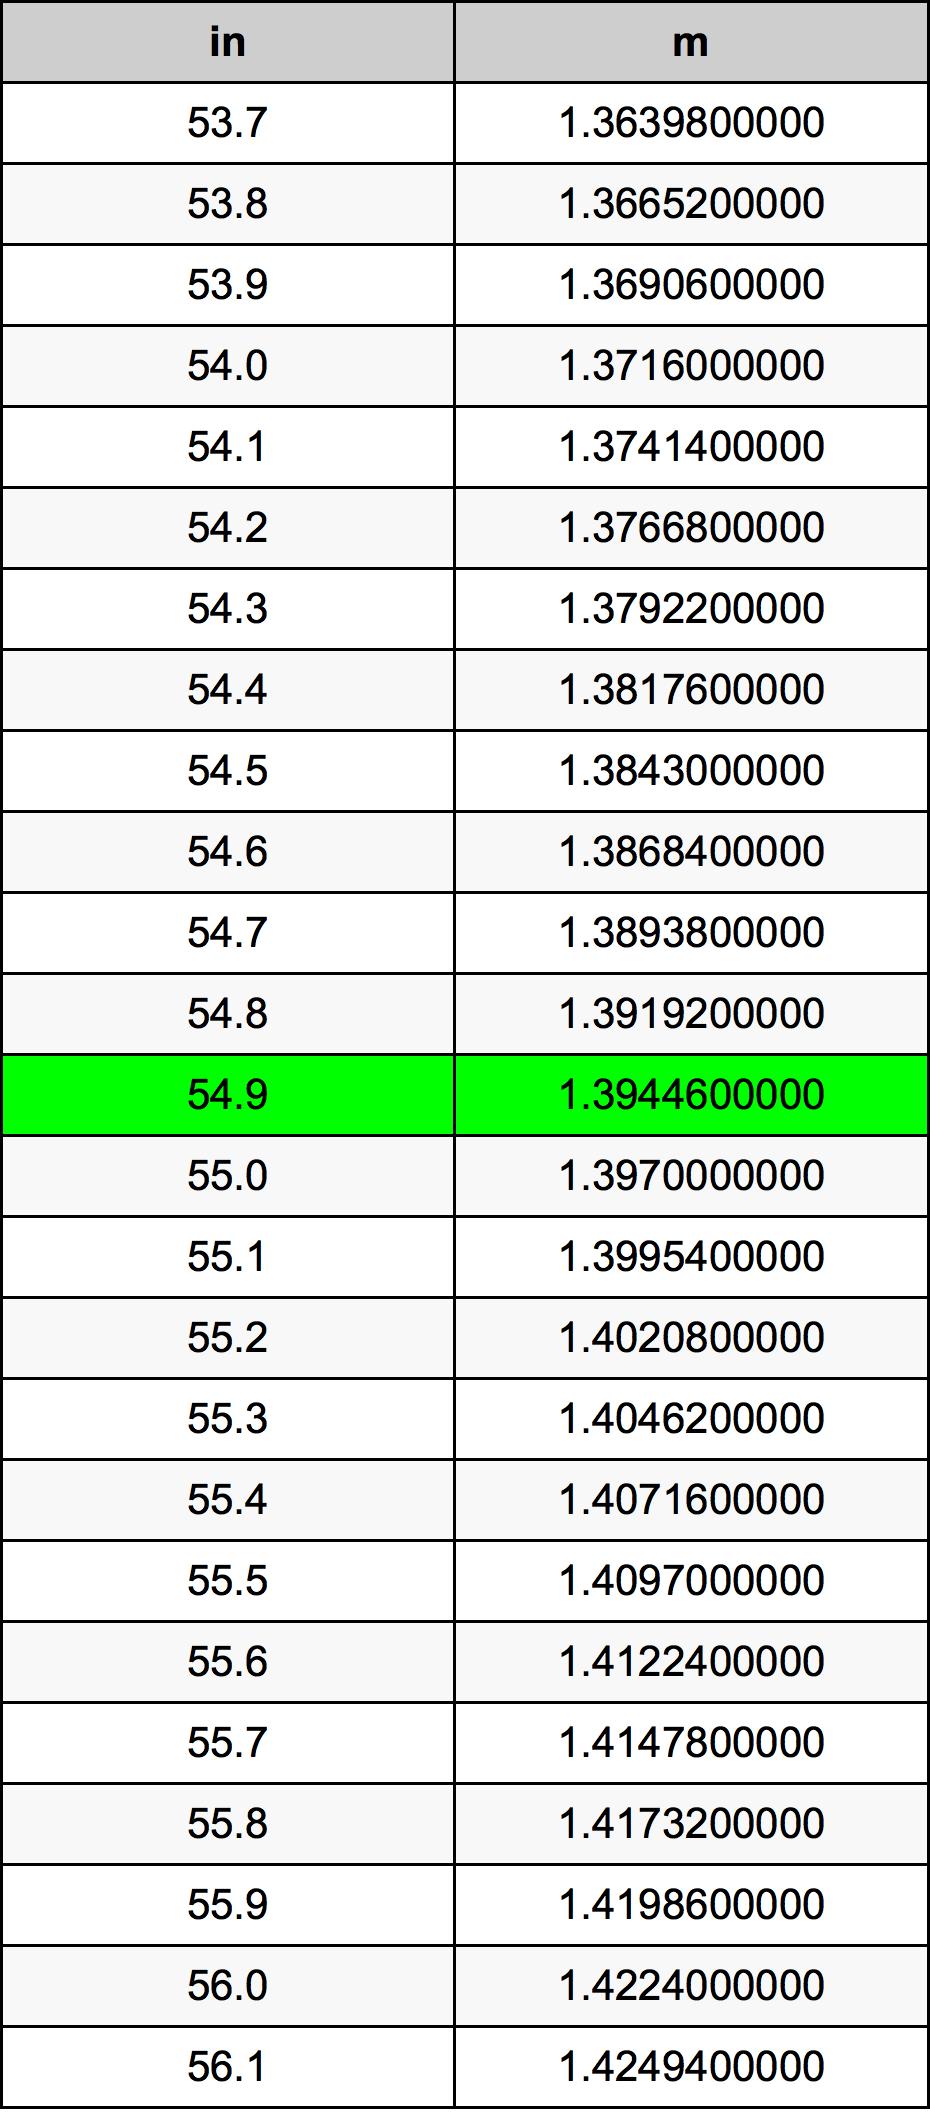 54.9 인치 변환 표